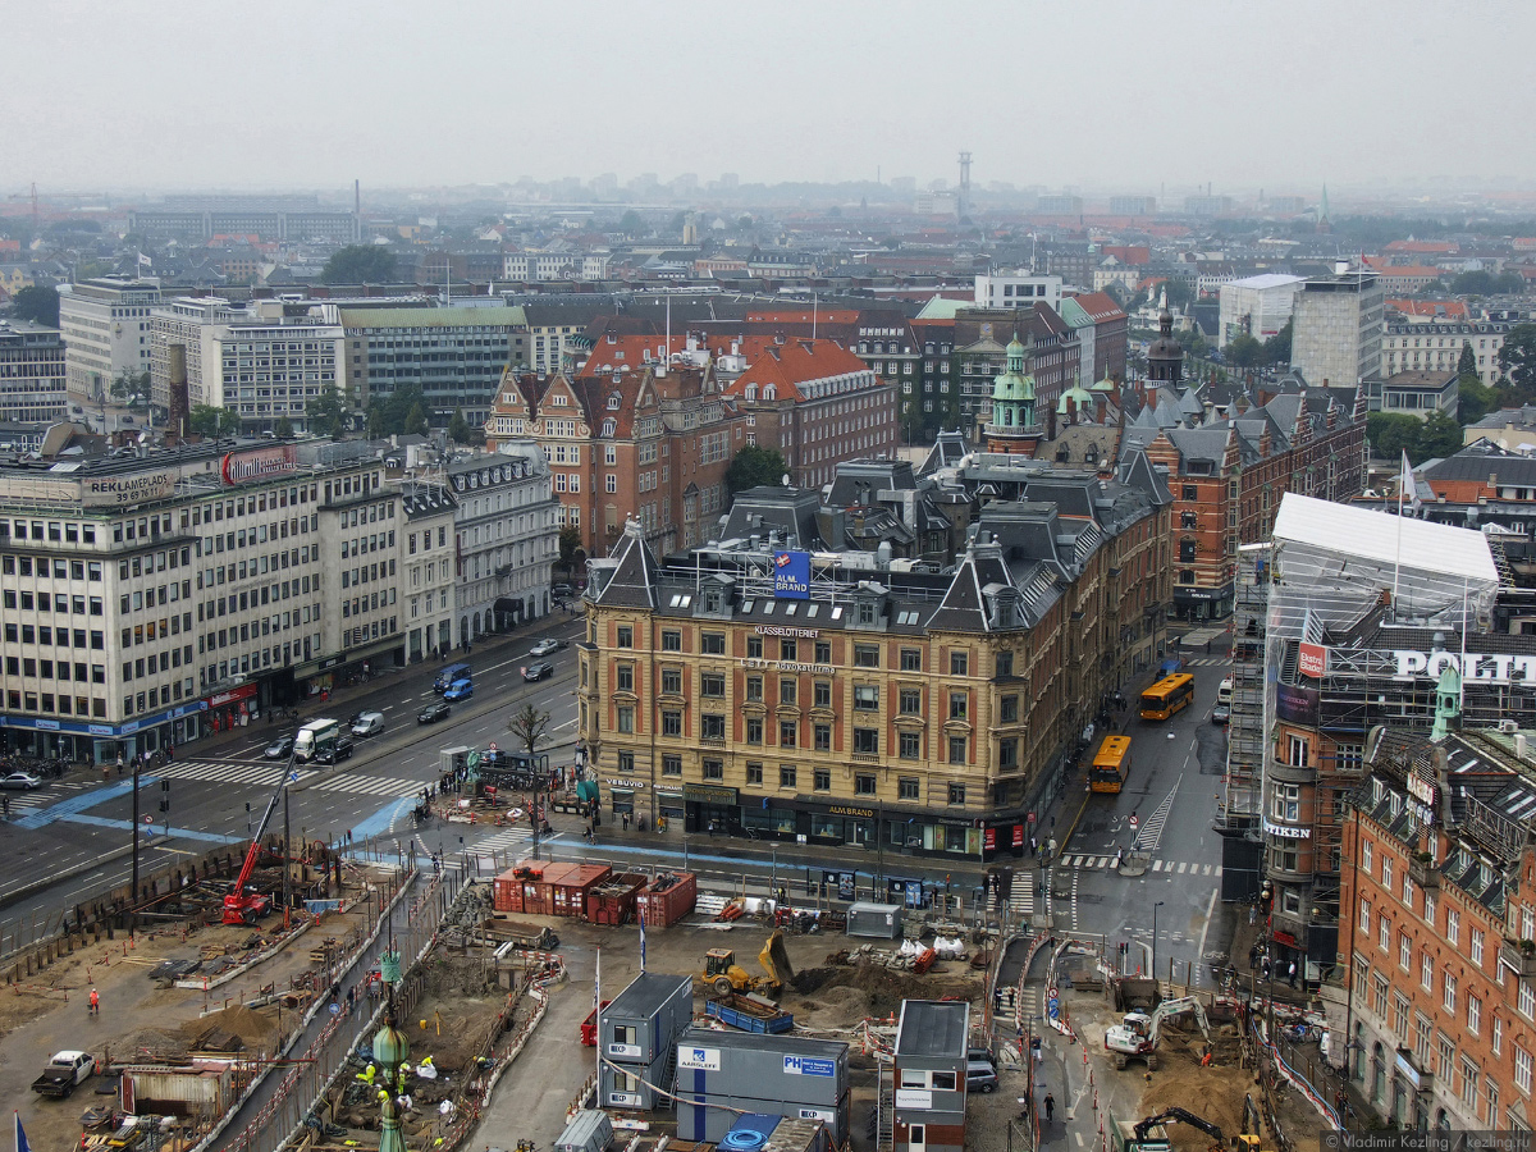 Трансбалтийский вояж. Копенгаген. Взгляд сверху